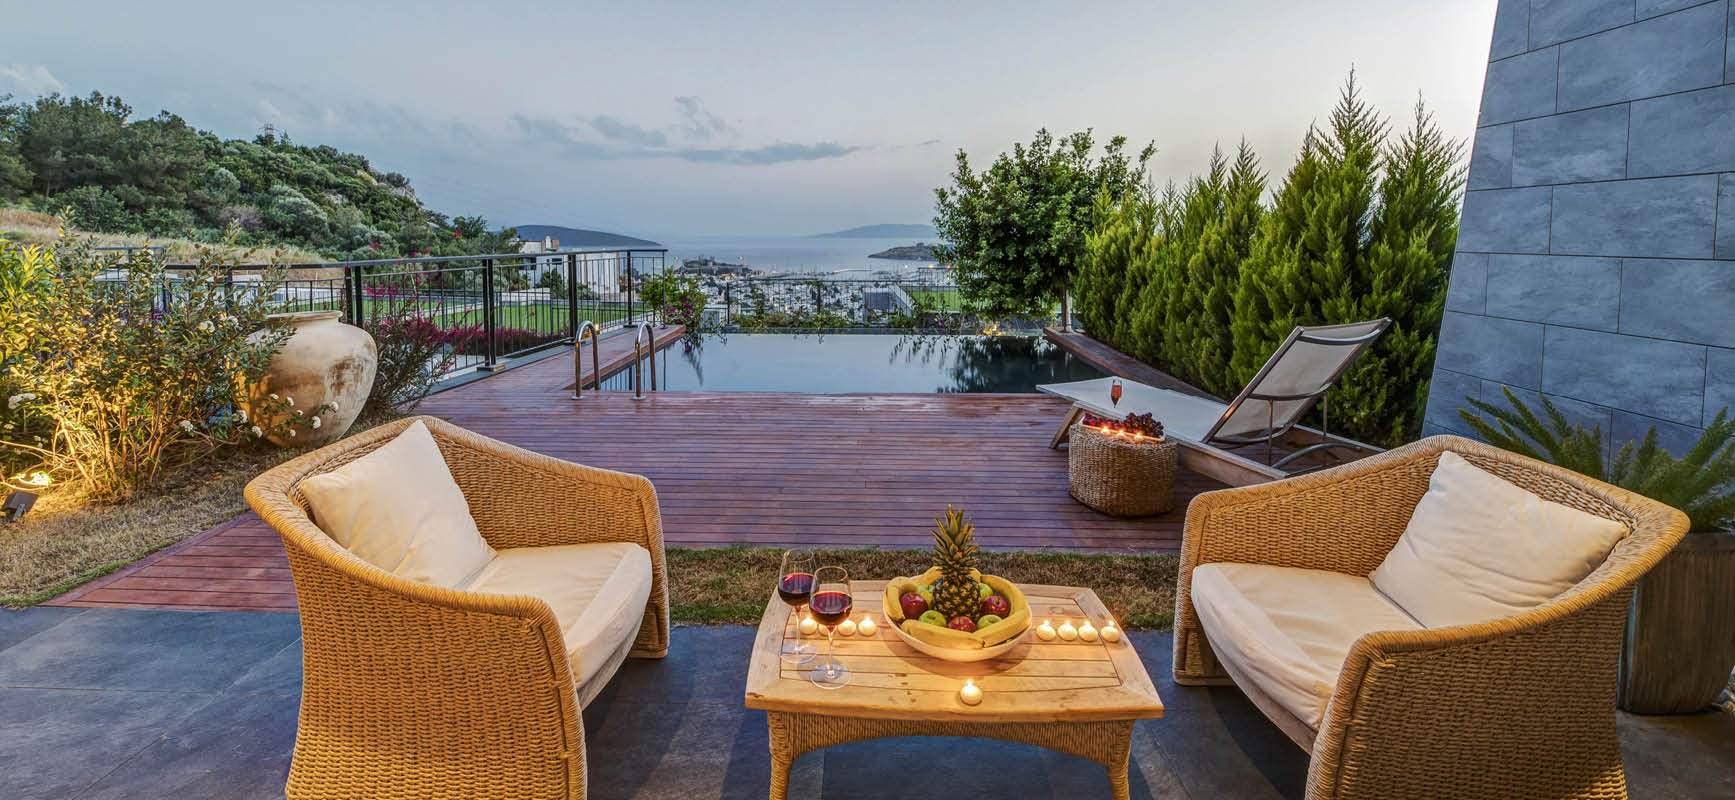 Bodrum Satılık Deniz Manzaralı Lüks Villa-Müstakil Bahçe-Özel Tasarım